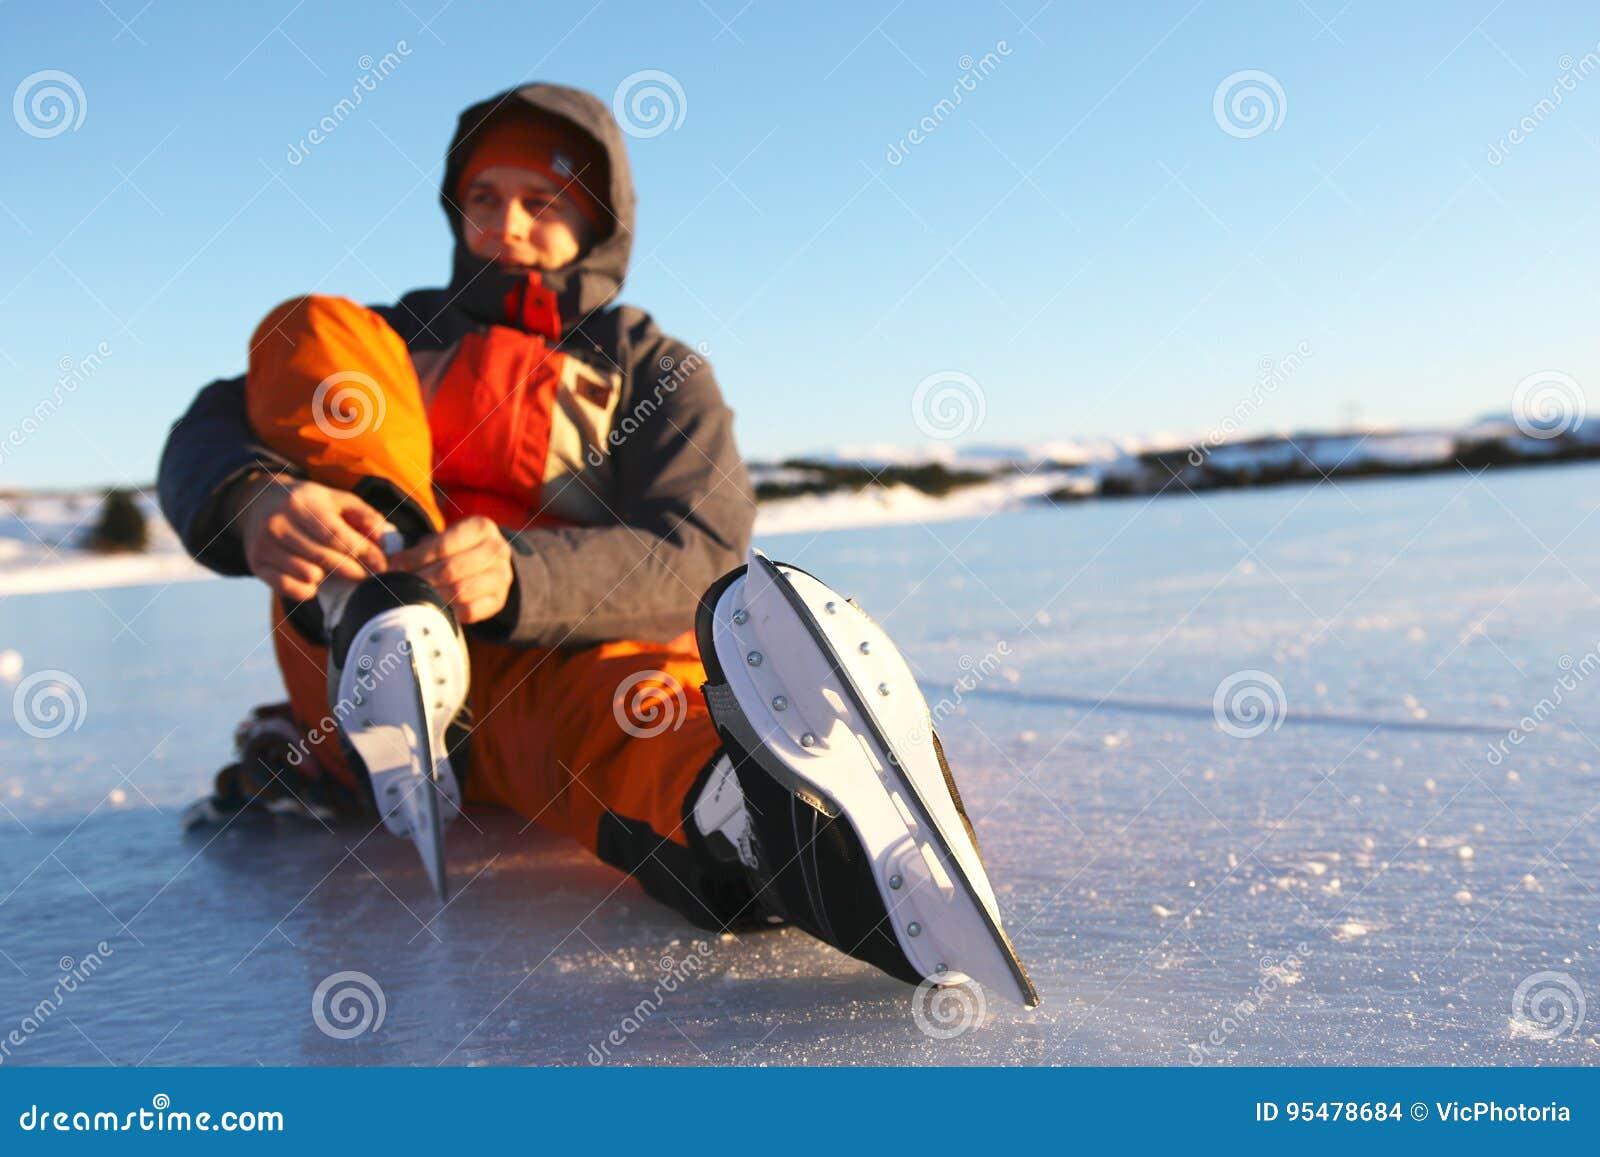 Il giovane si siede sul ghiaccio che stringe i laccetti sui suoi pattini da ghiaccio